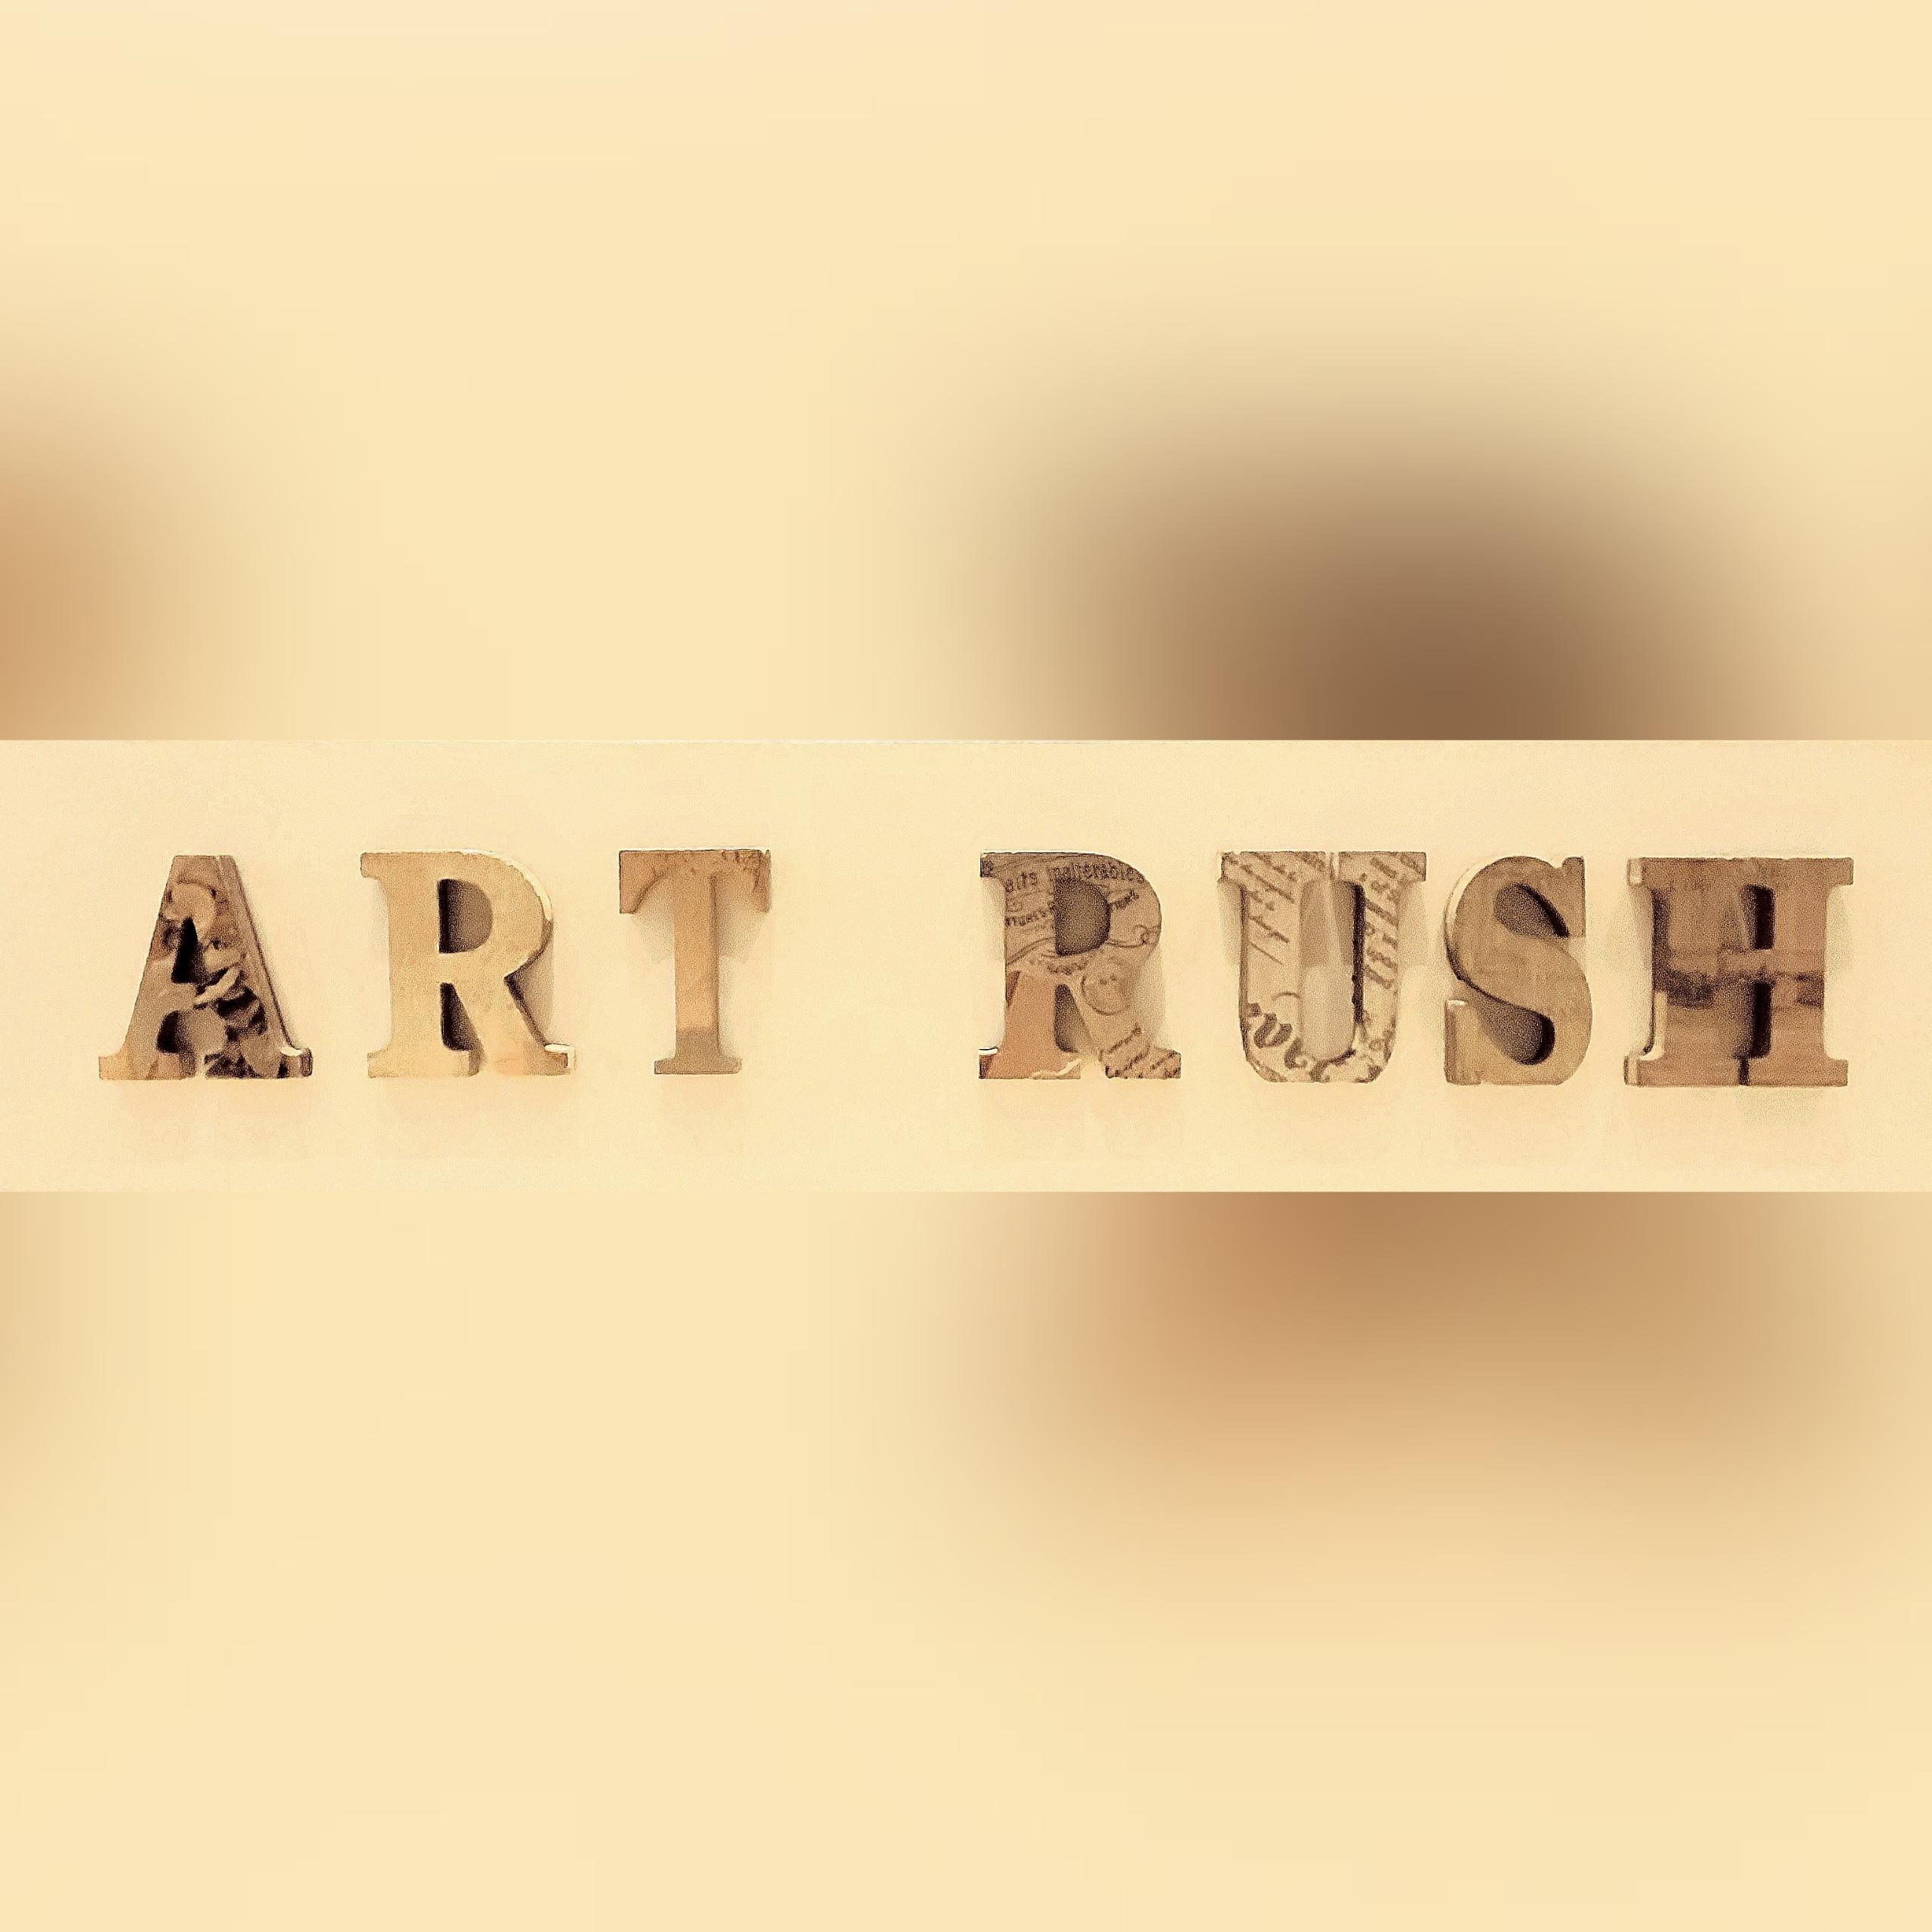 アートラッシュか